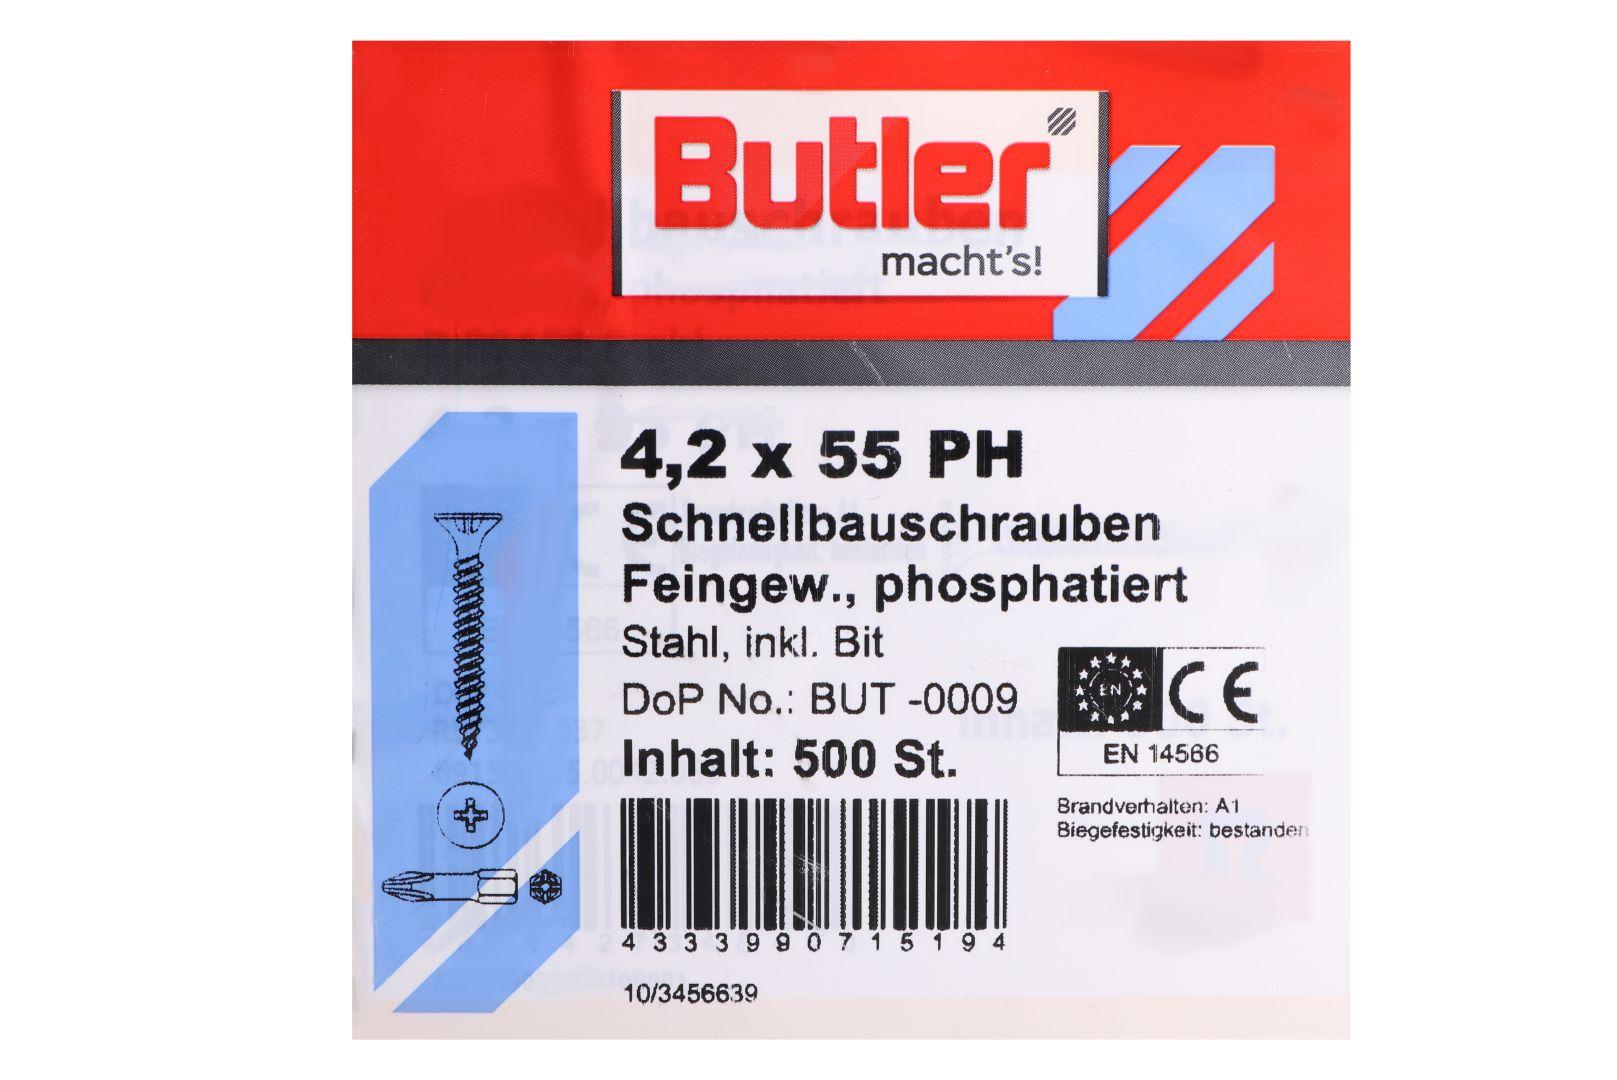 Butler macht's! Schnellbauschrauben inkl. Bit für Gipsplatten auf Metall bis 0,6 mm, Feingewinde, PH2, 4,2 x 55 mm, 500 Stück